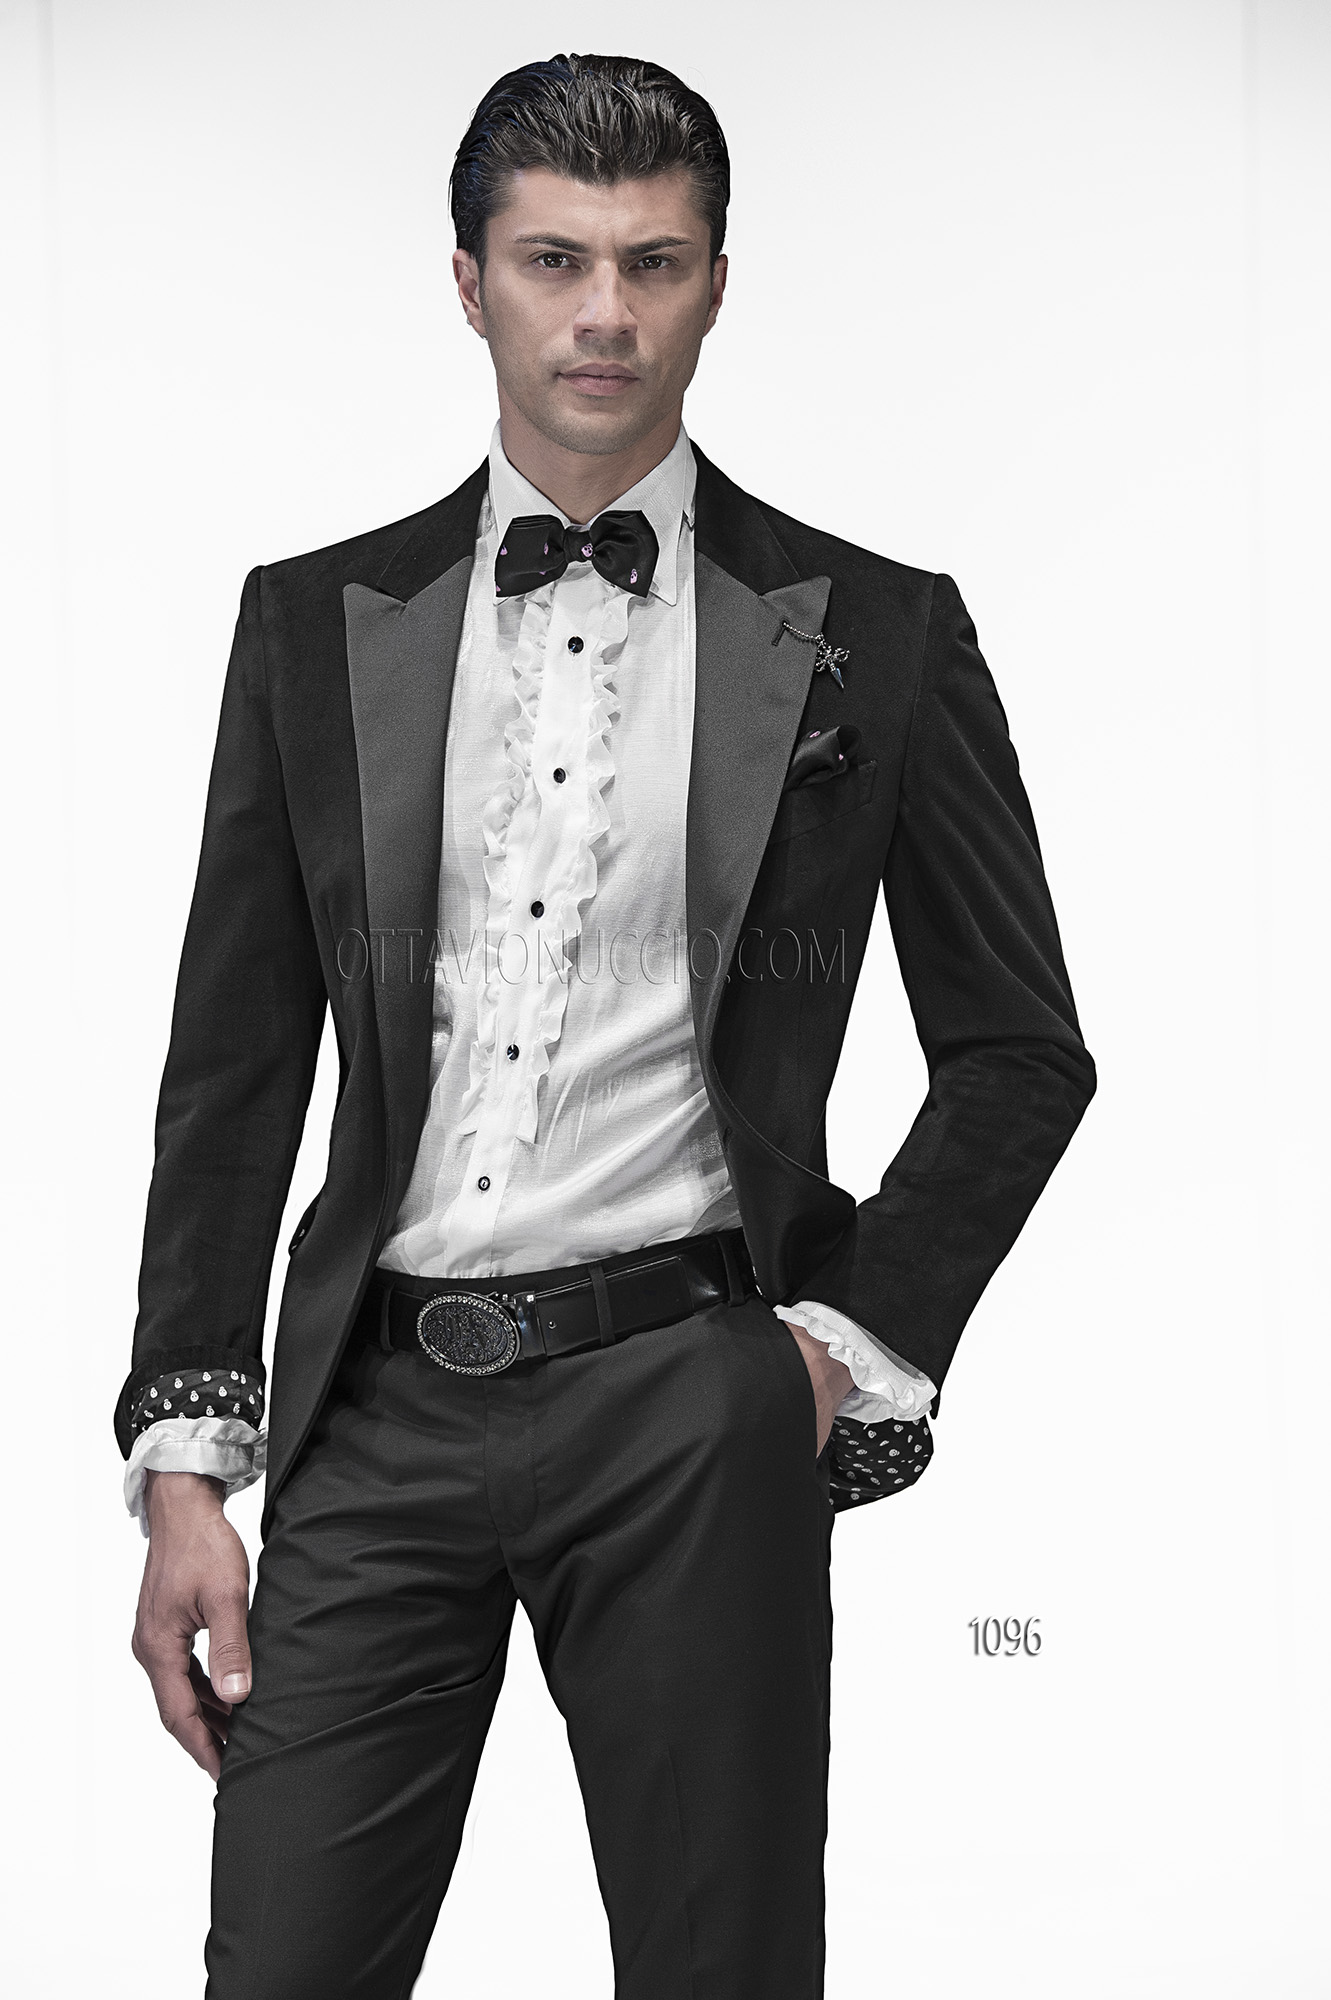 italienischer br utigam anzug schwarz aus samt. Black Bedroom Furniture Sets. Home Design Ideas